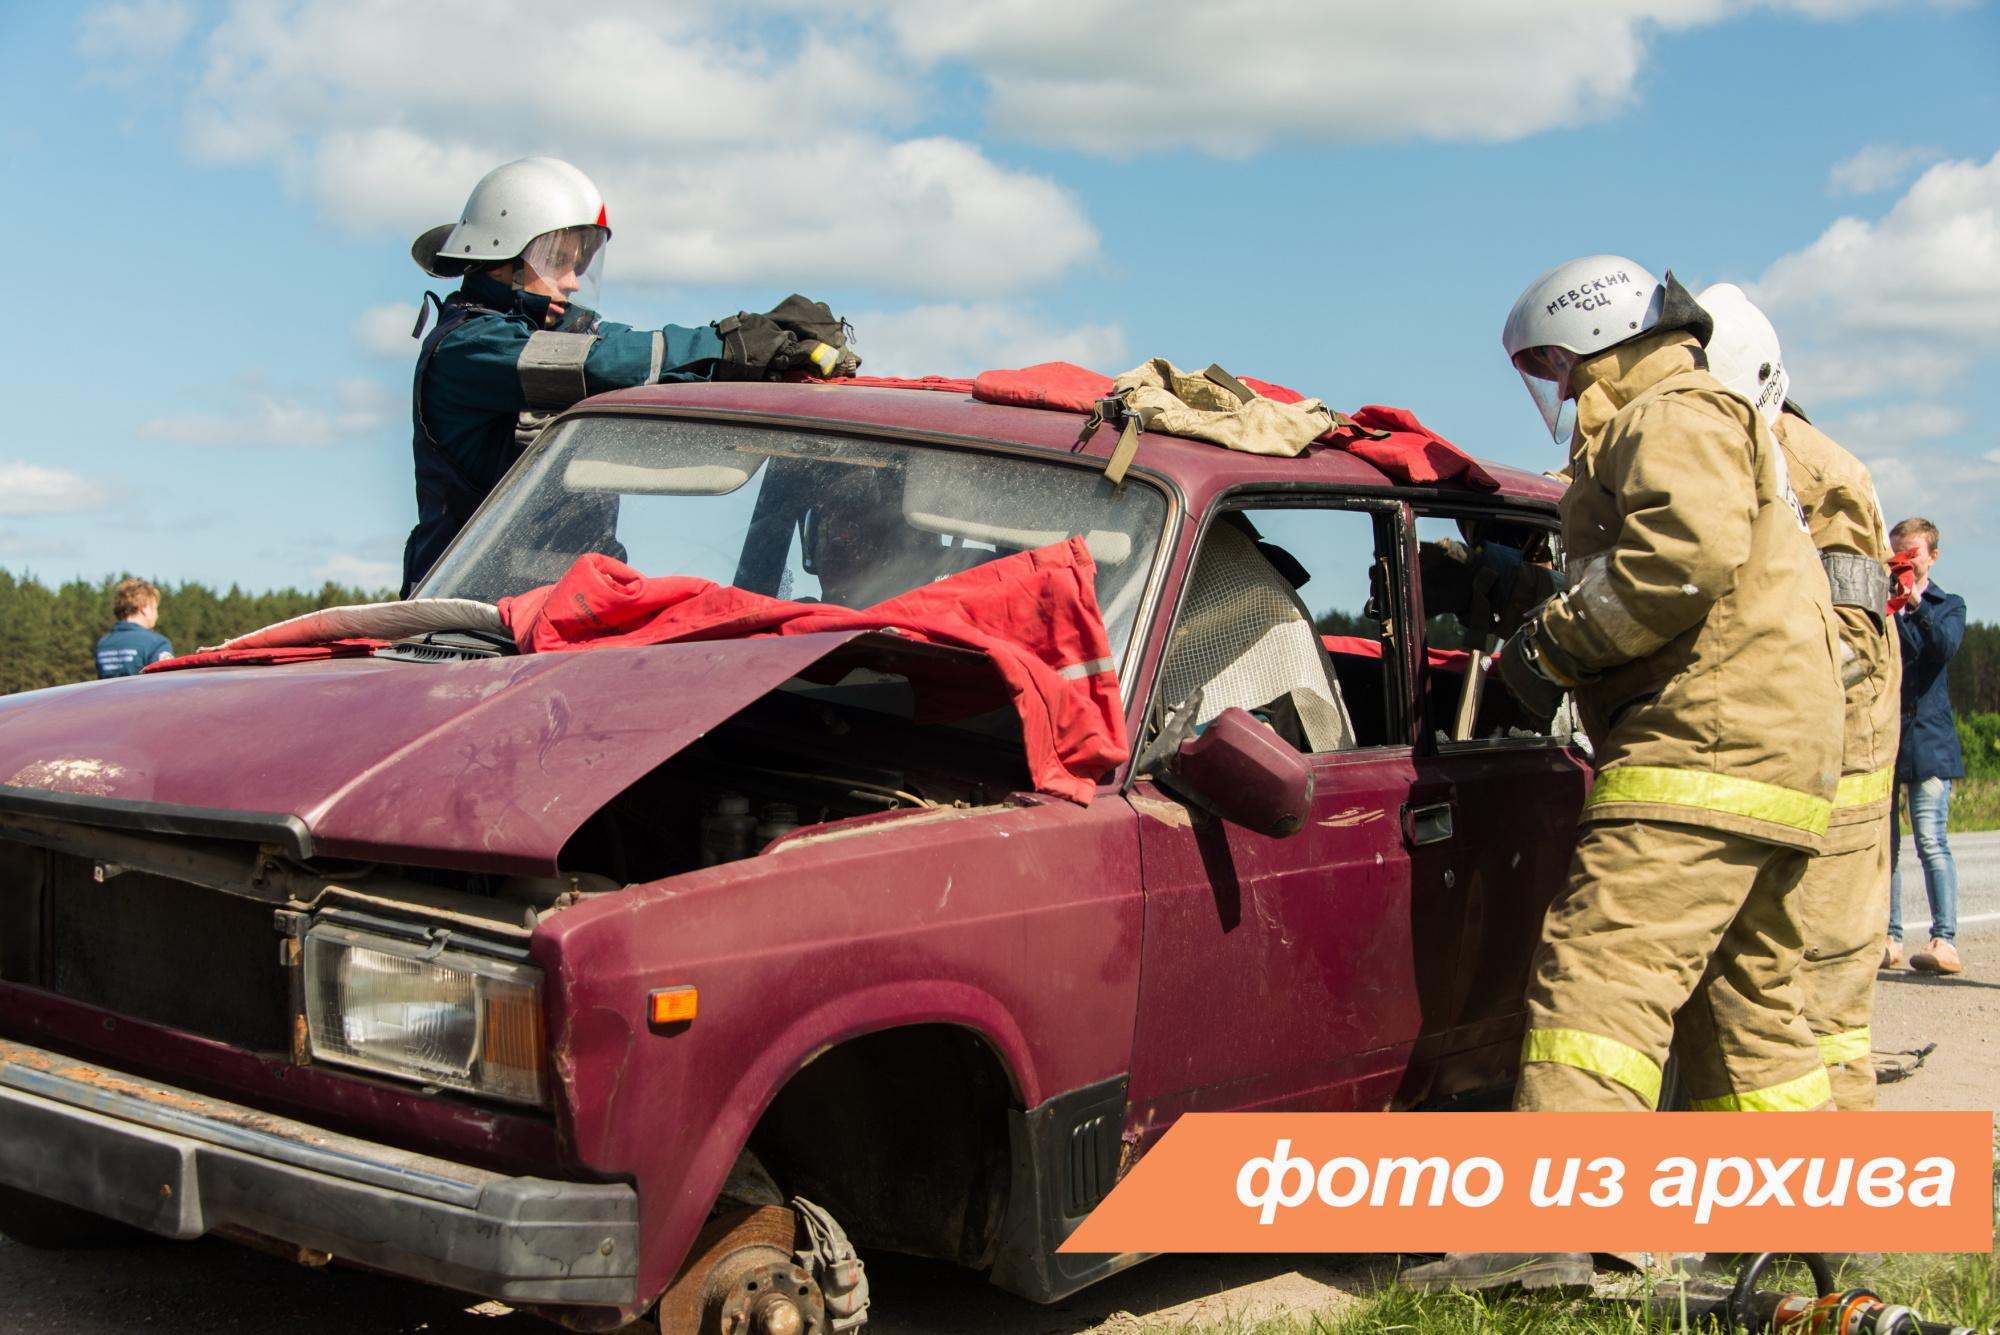 Спасатели Ленинградской области приняли участие в ликвидации последствий ДТП в Лодейнопольском районе